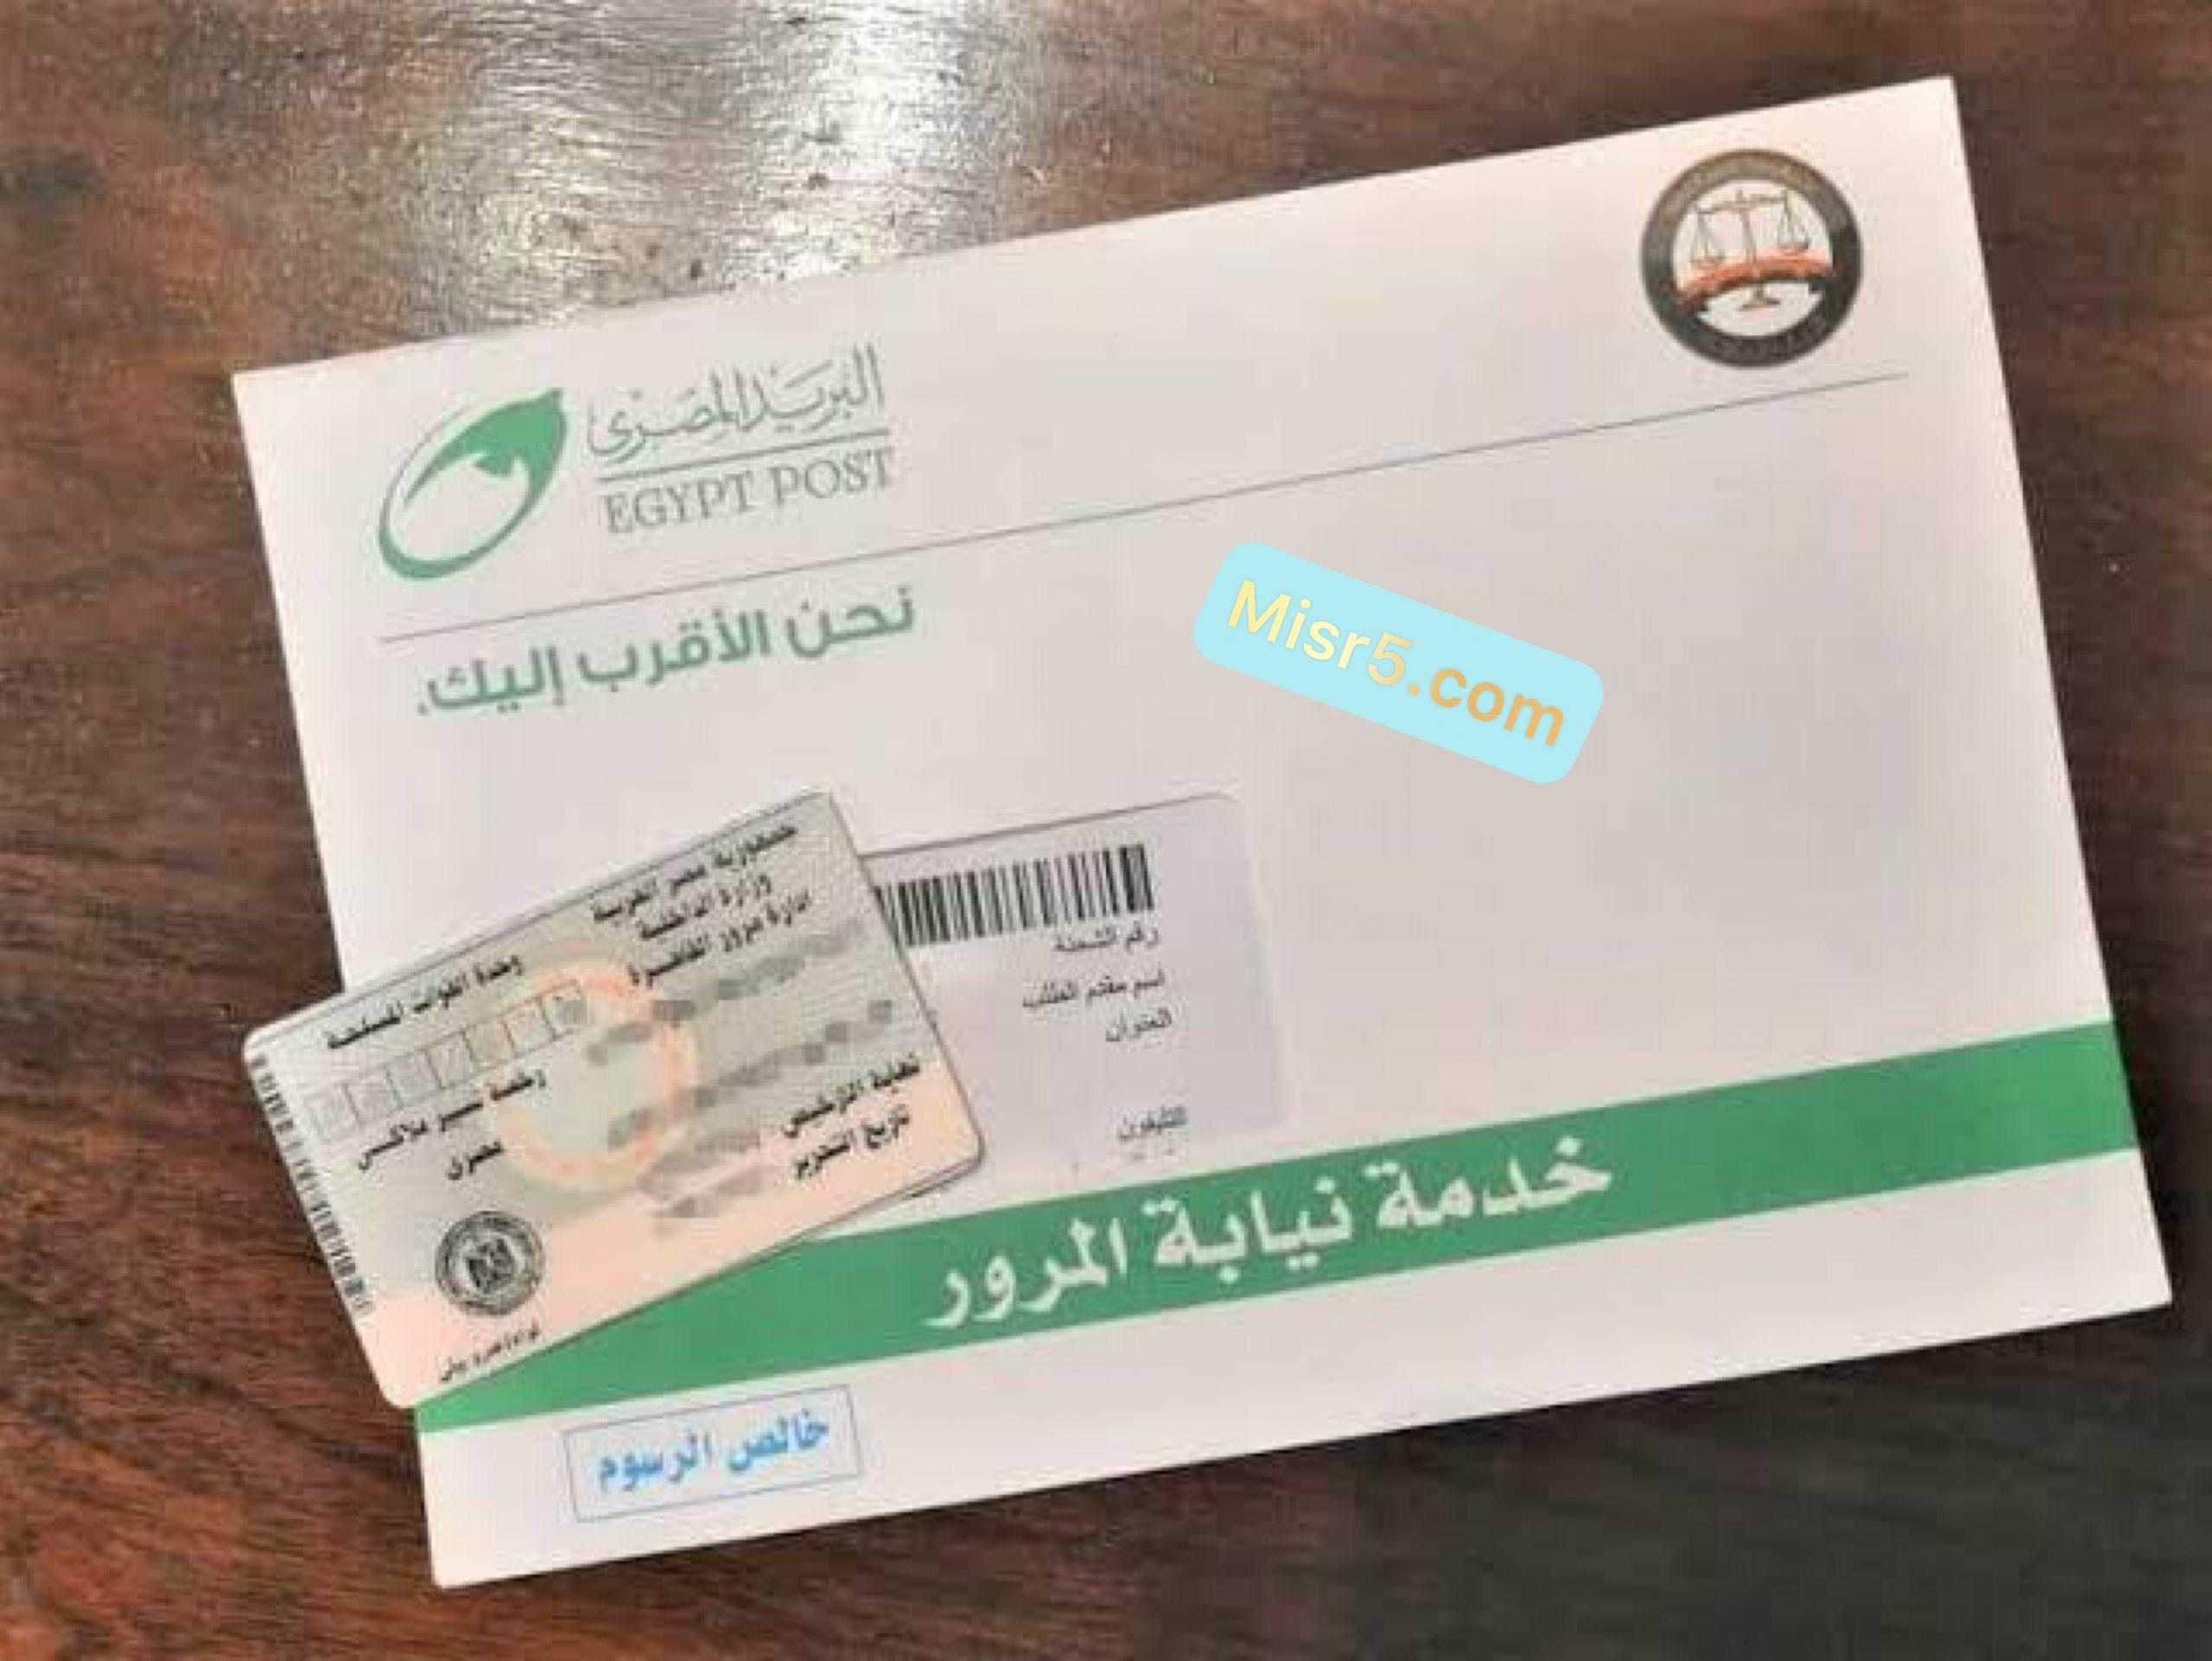 تعرف الآن على مصاريف استخراج رخصة القيادة وكافة الأوراق المطلوبة 2021